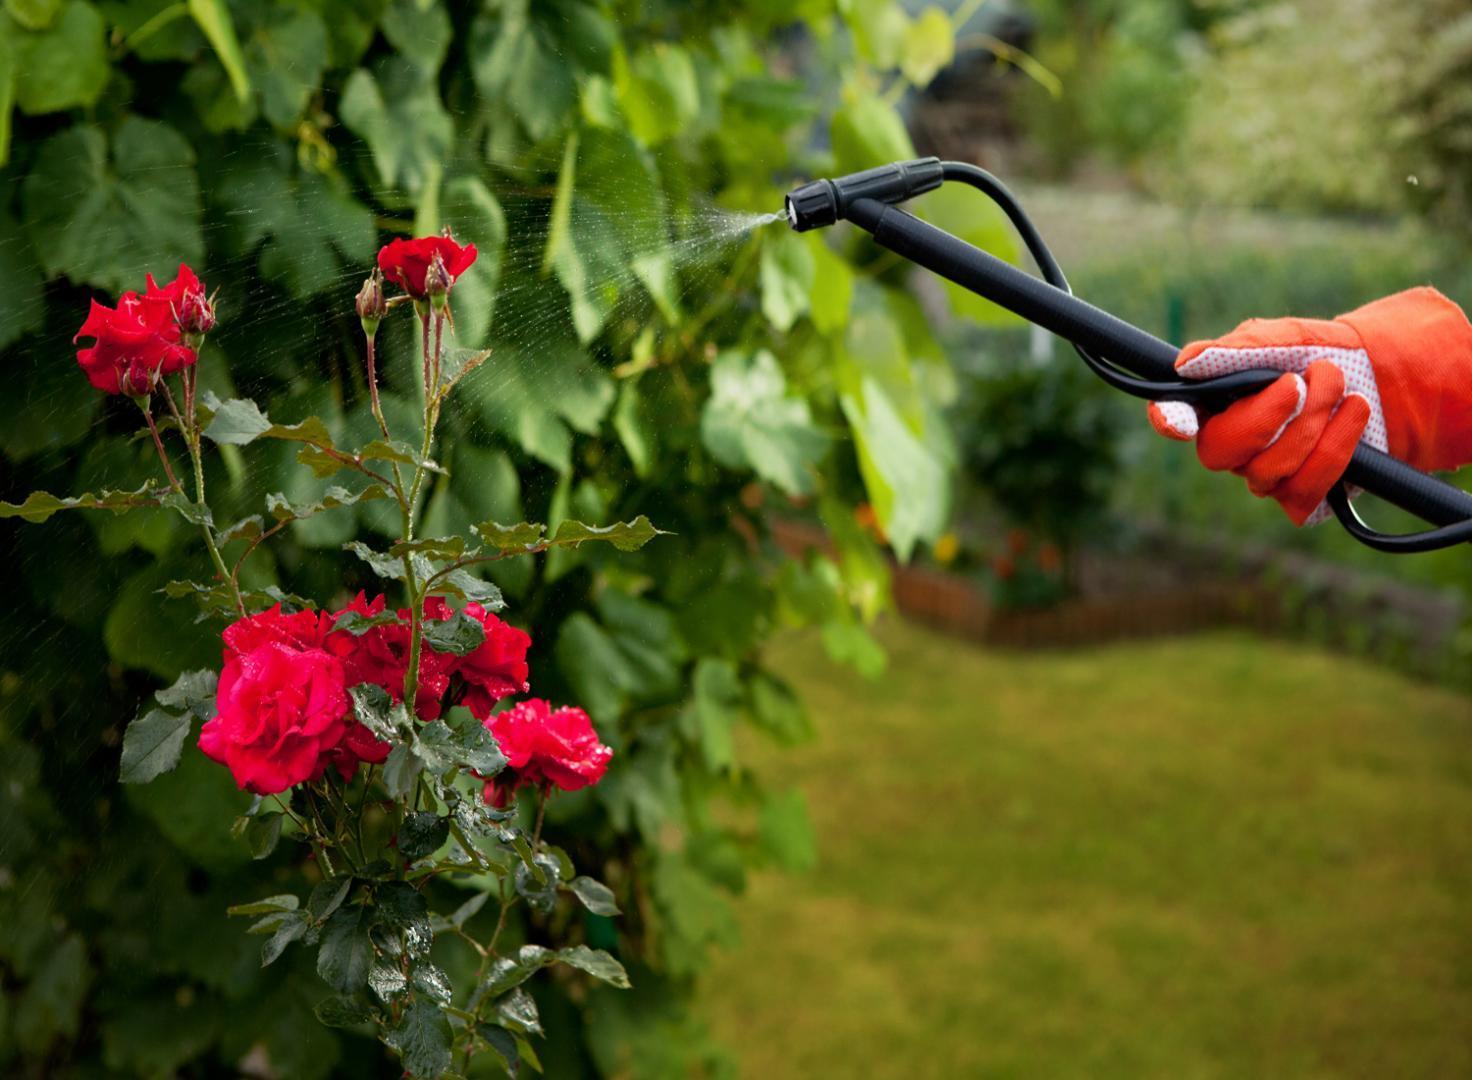 Les 5 pires insectes qui font des ravages dans notre jardin